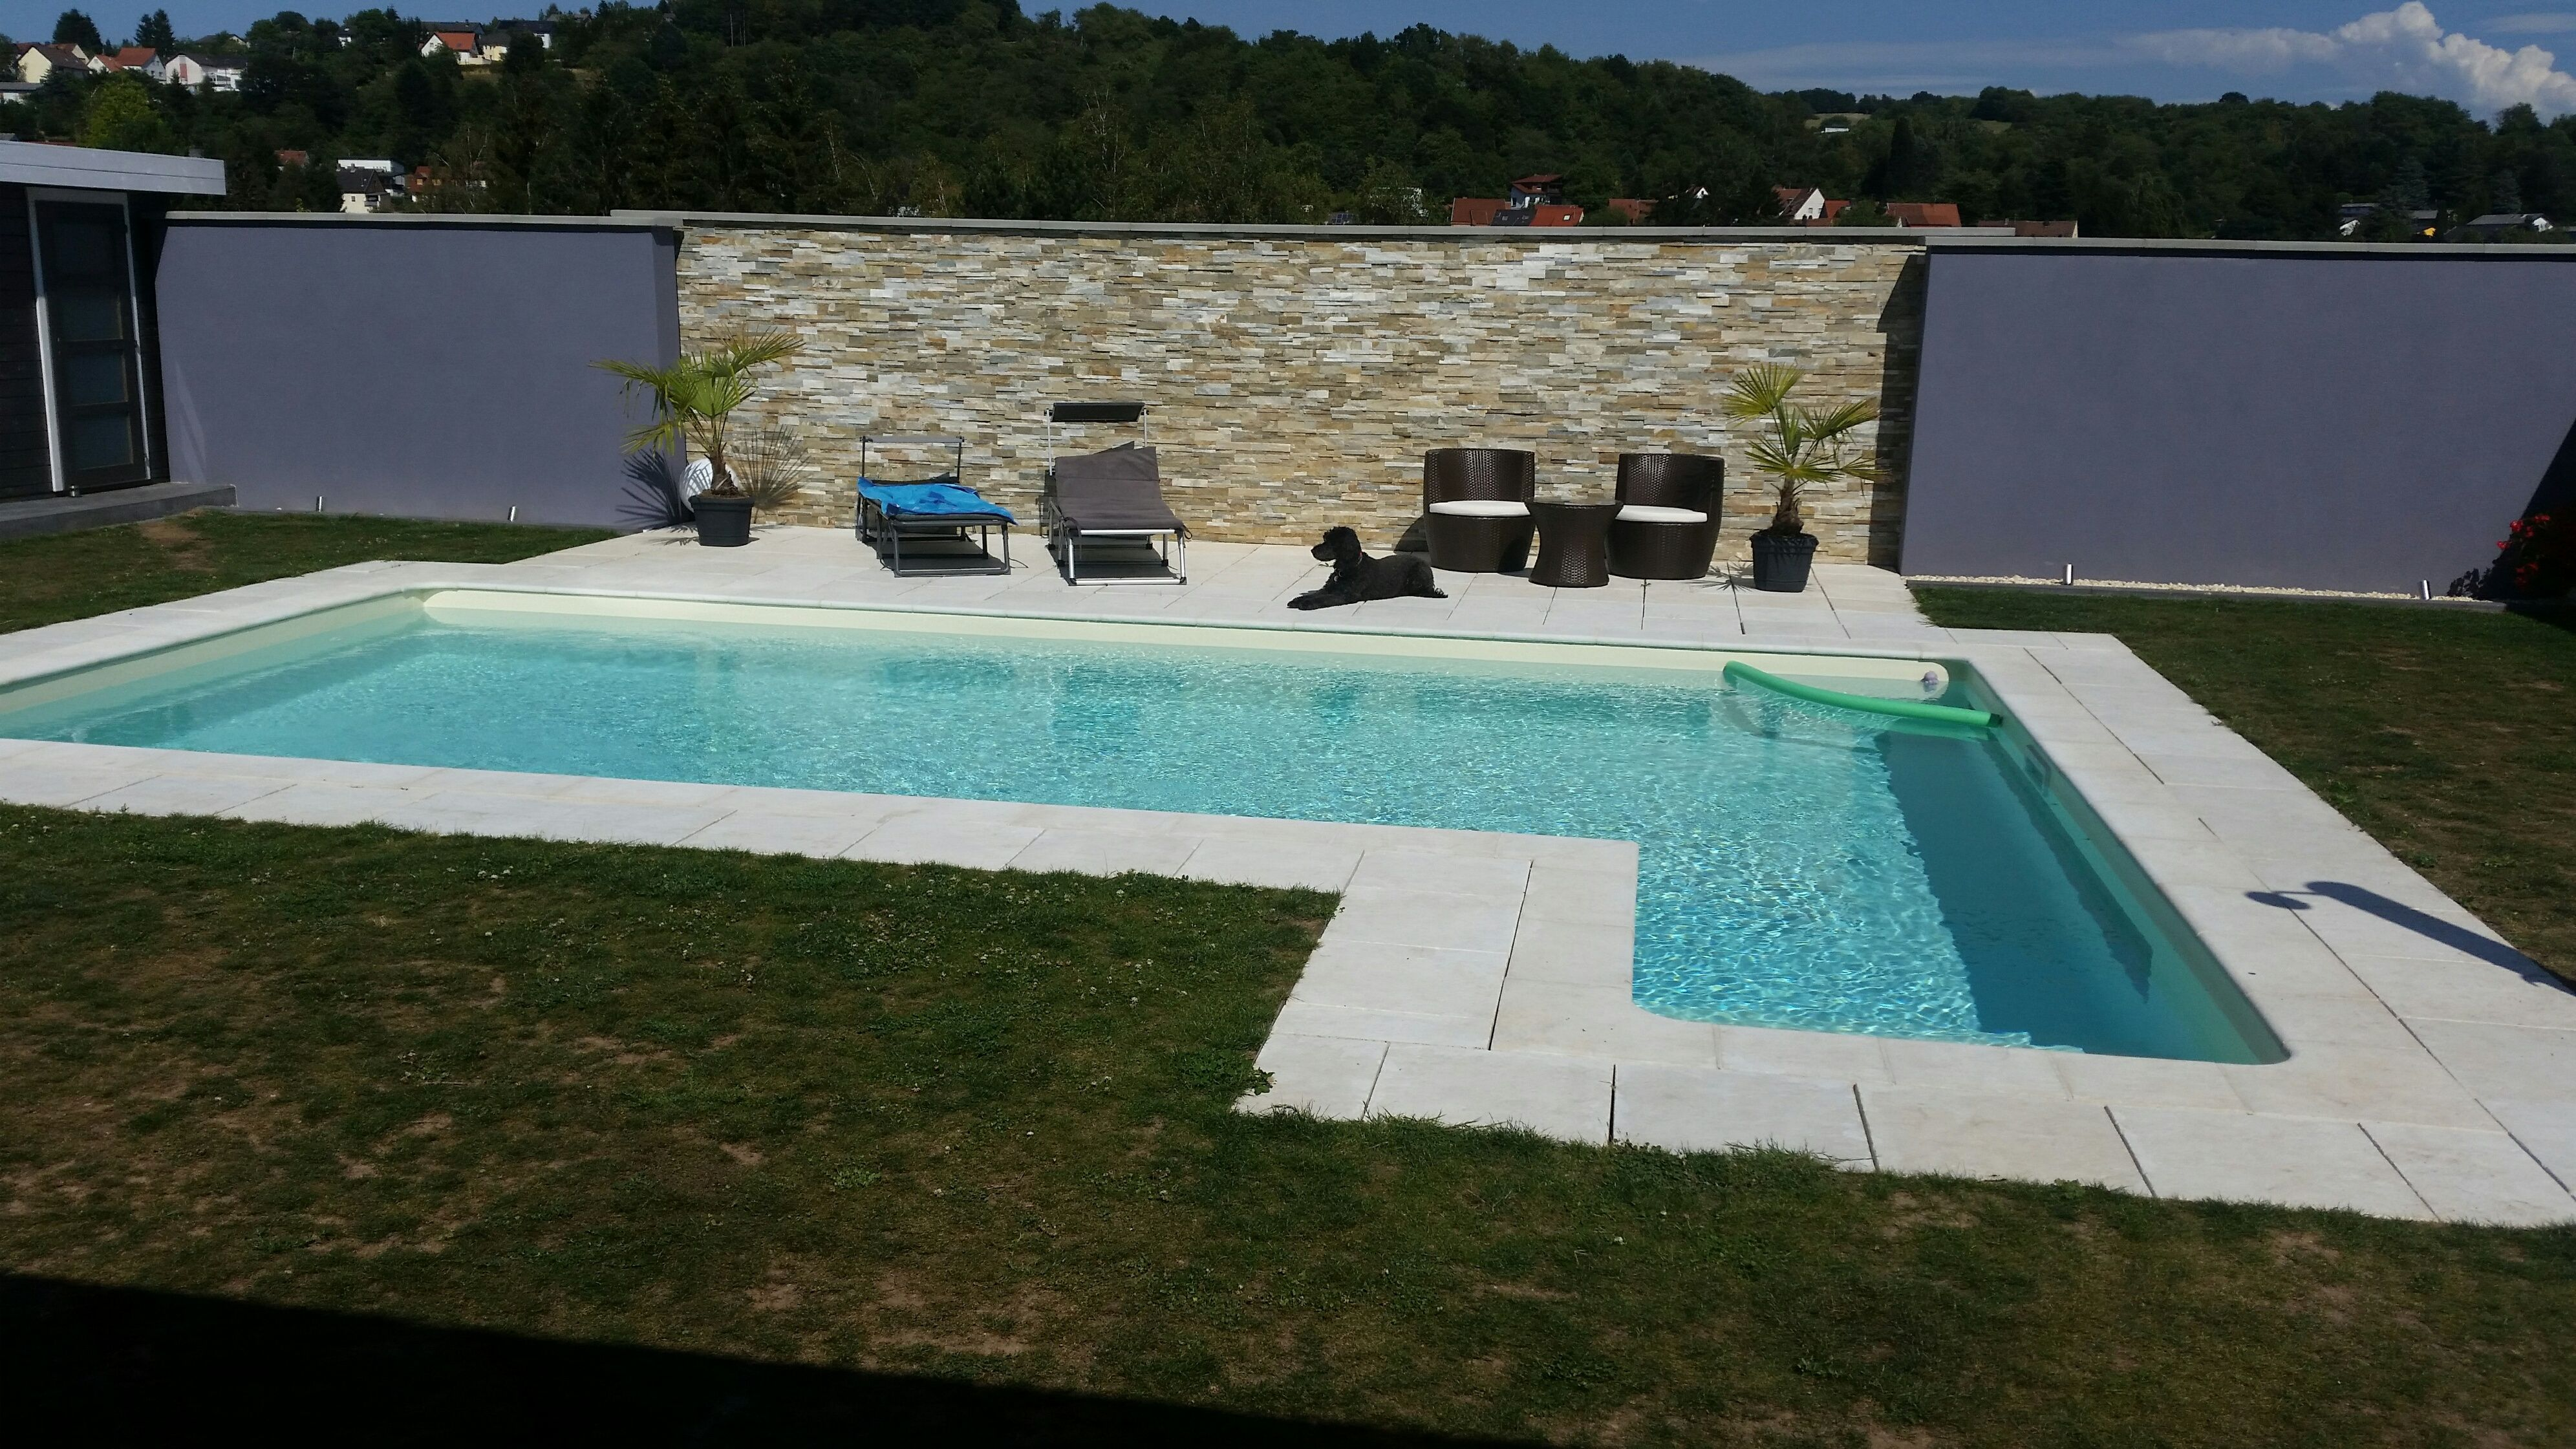 der traum vom eigenen pool im garten umgesetzt die pool randsteine und die passenden. Black Bedroom Furniture Sets. Home Design Ideas